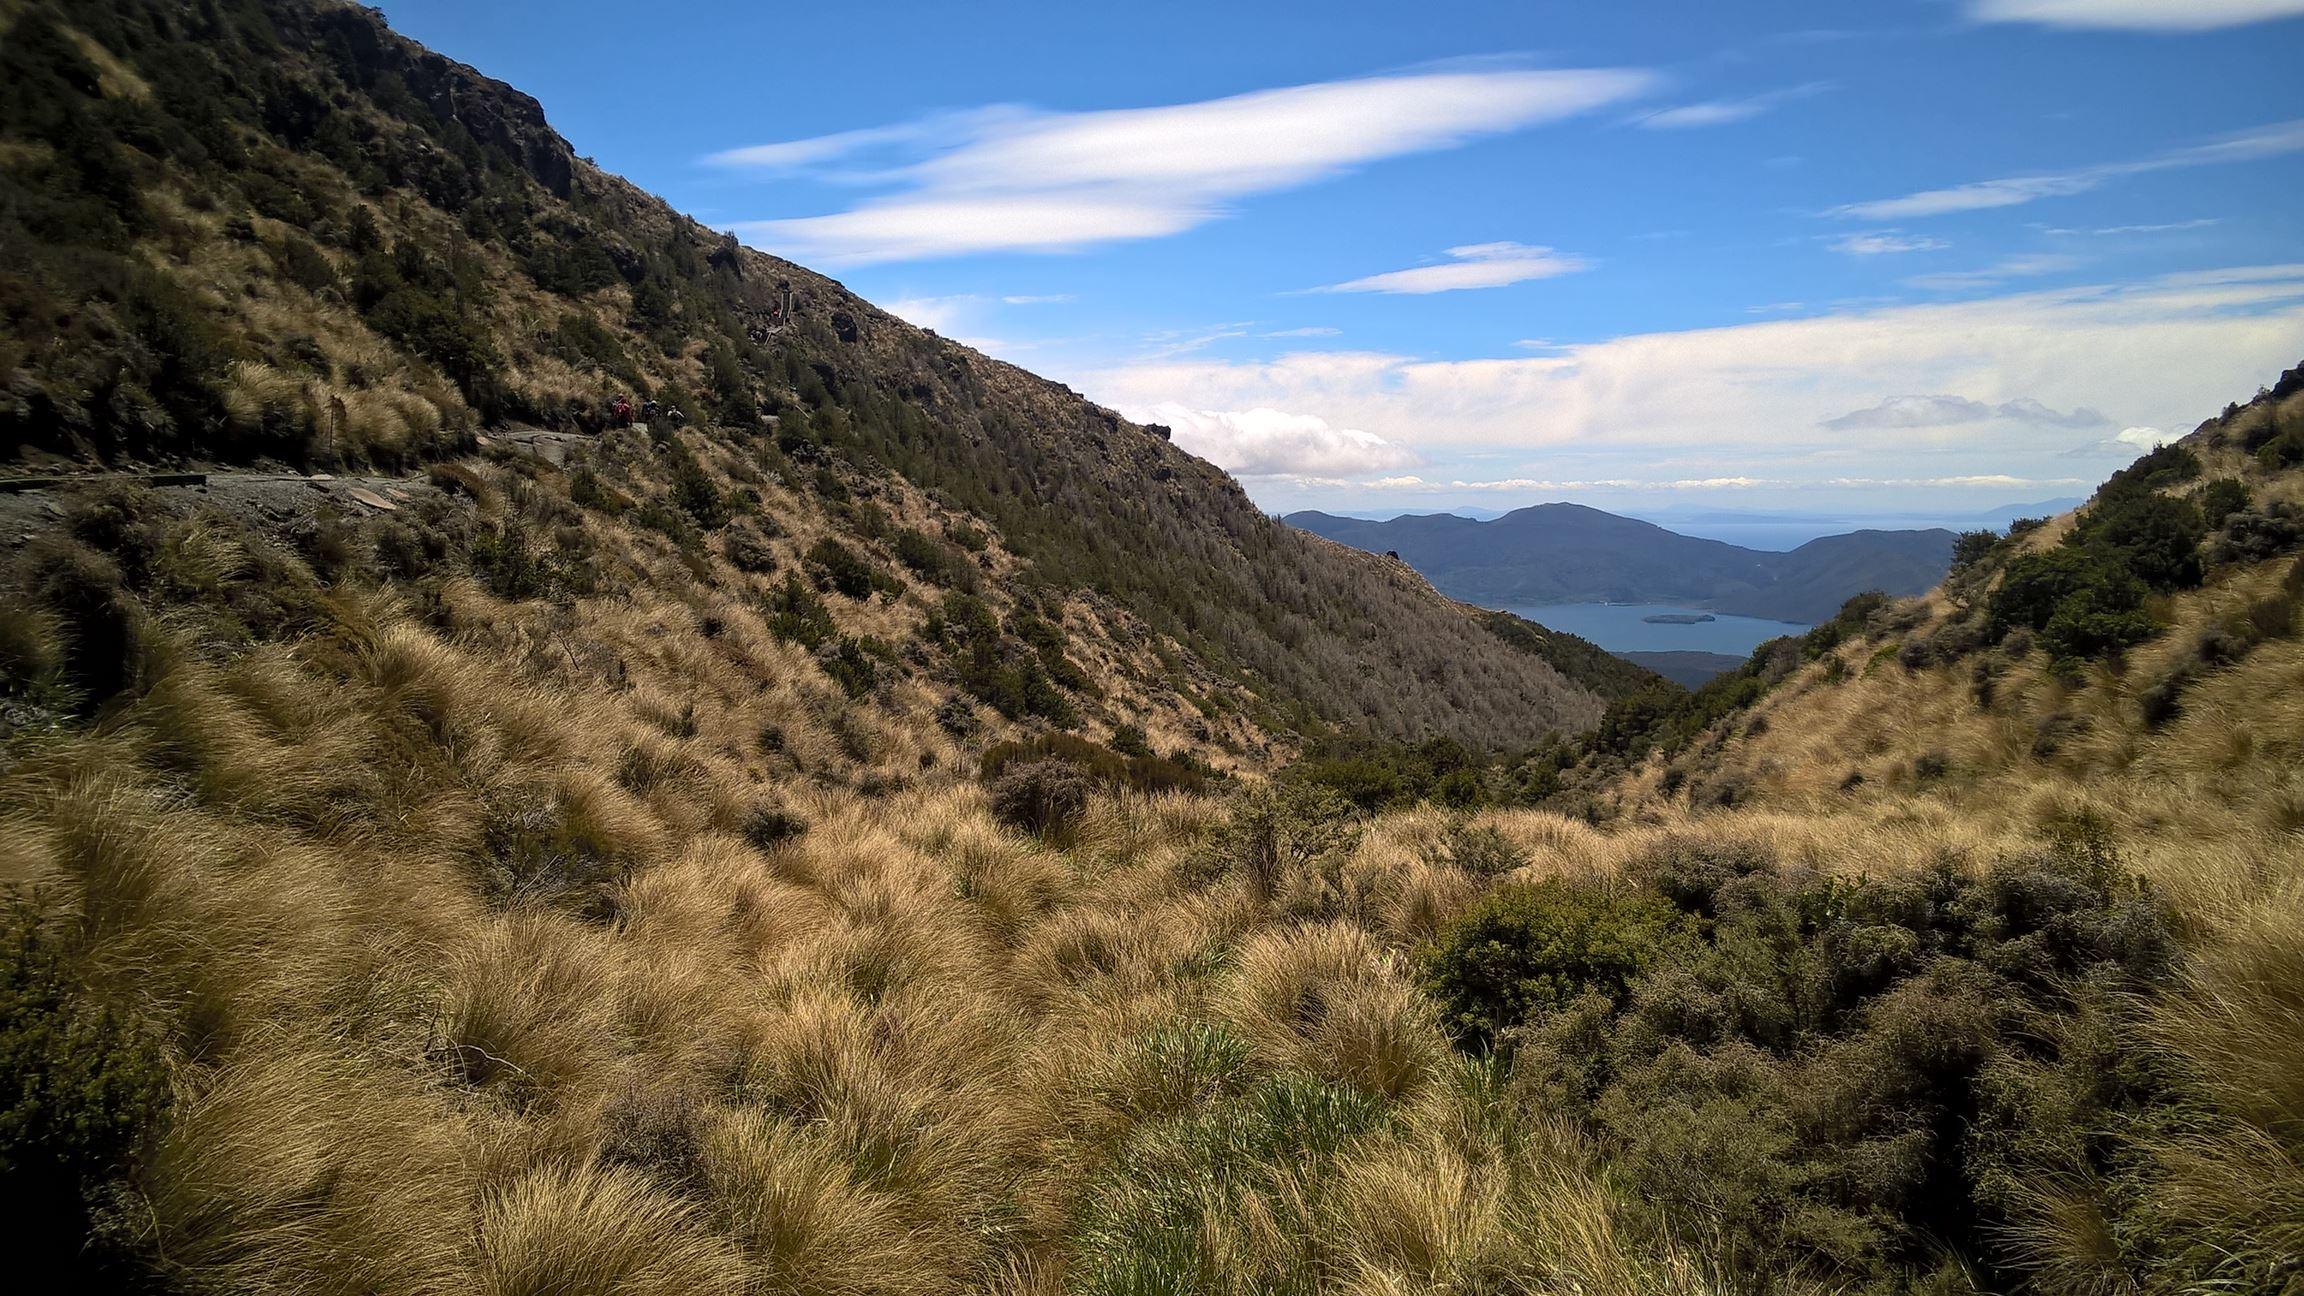 Da hinten ist Lake Taupo, da müssen wir heute noch hin (aber nicht zu Fuß)